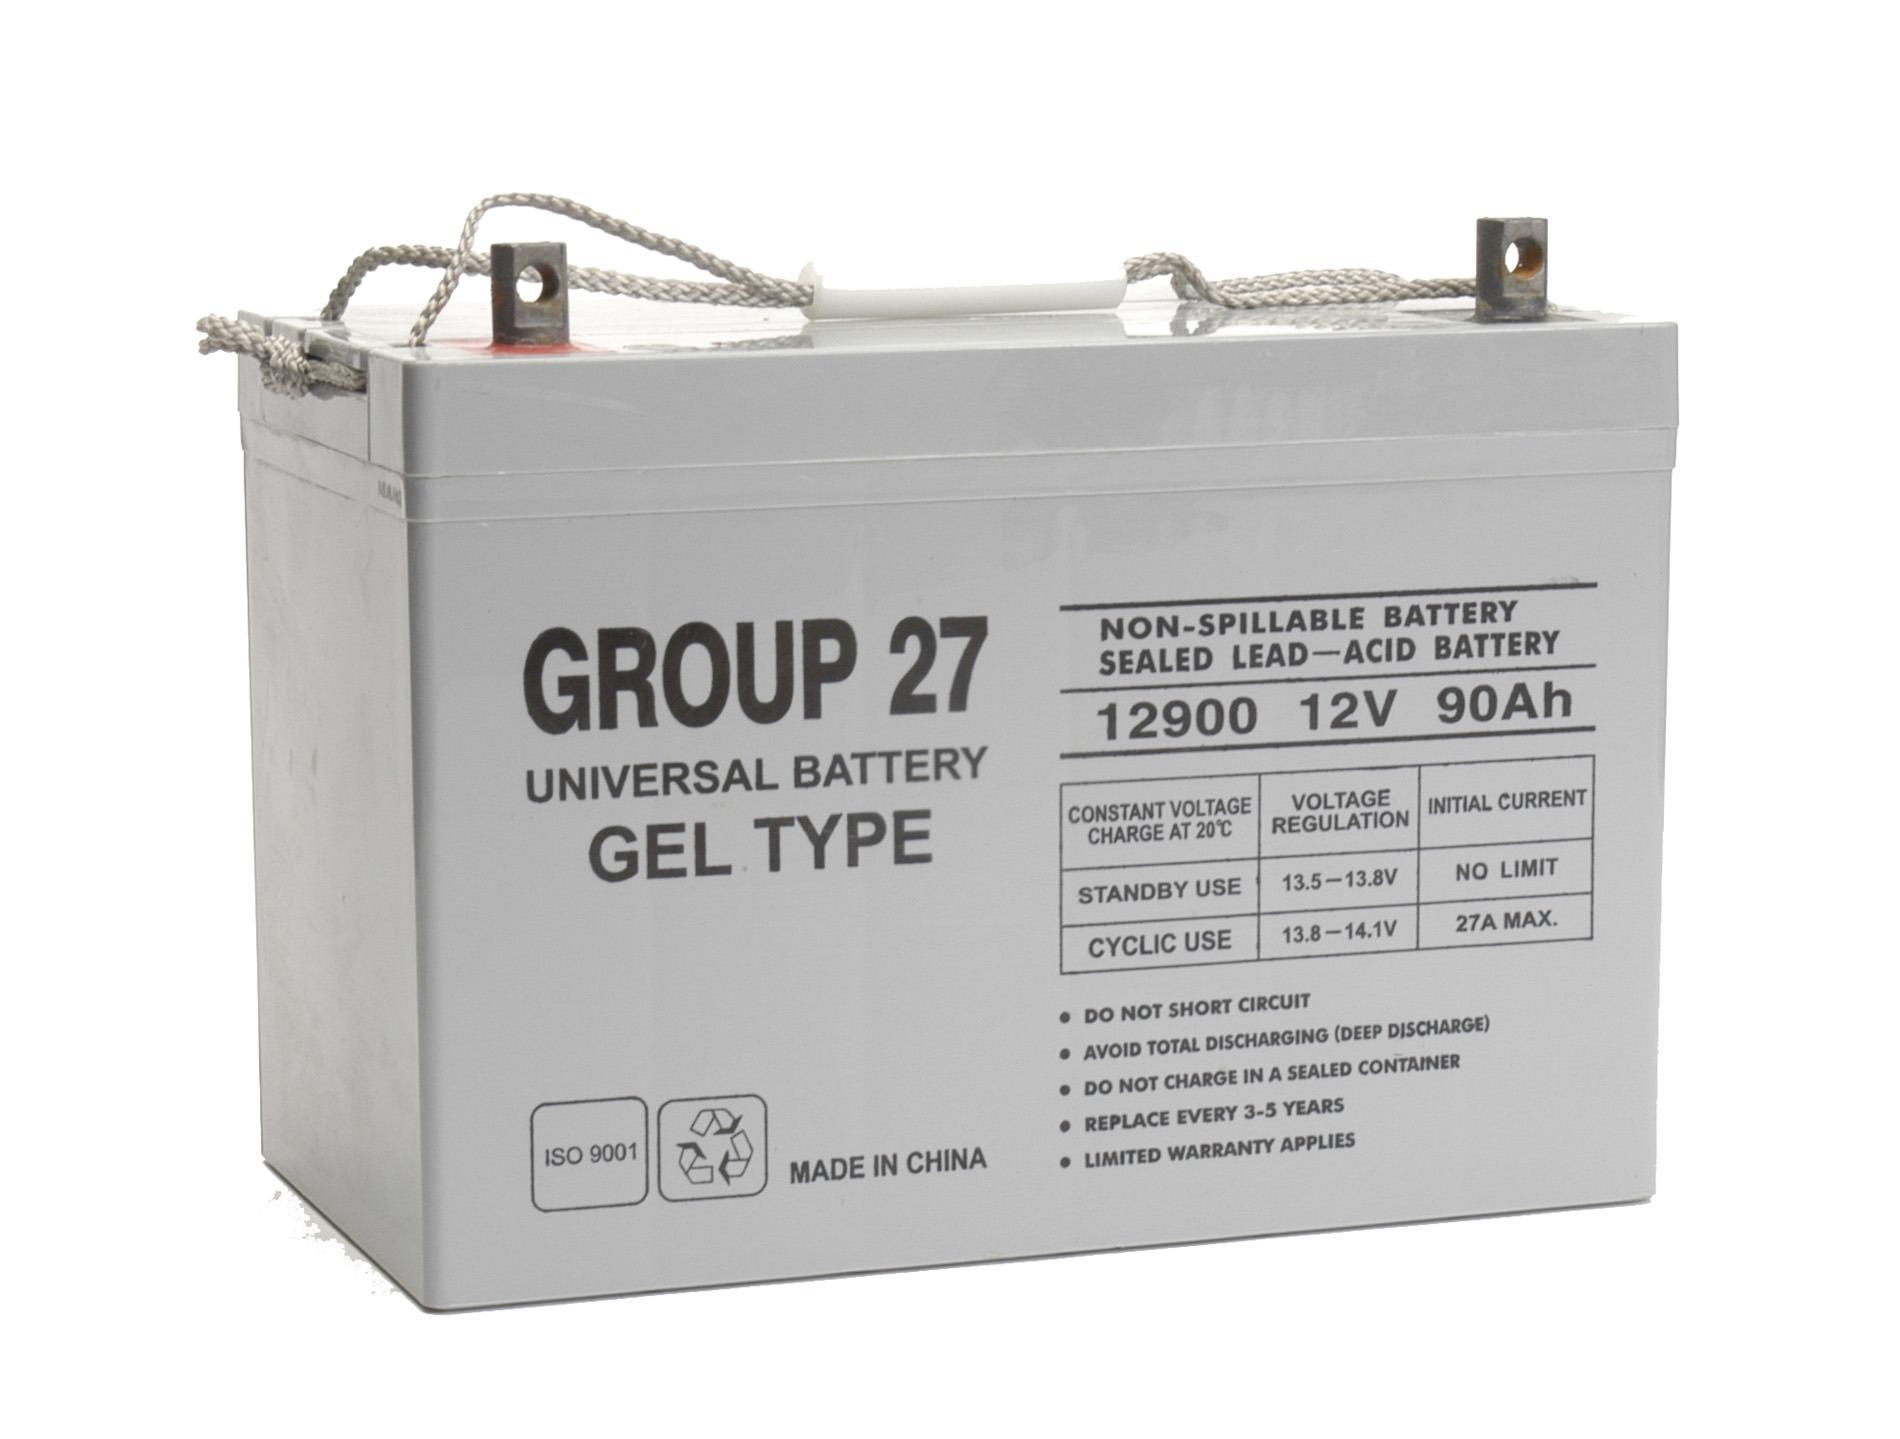 12v 90ah (Group 27) Gel Battery for Clarke Vantage 14 Sweeper